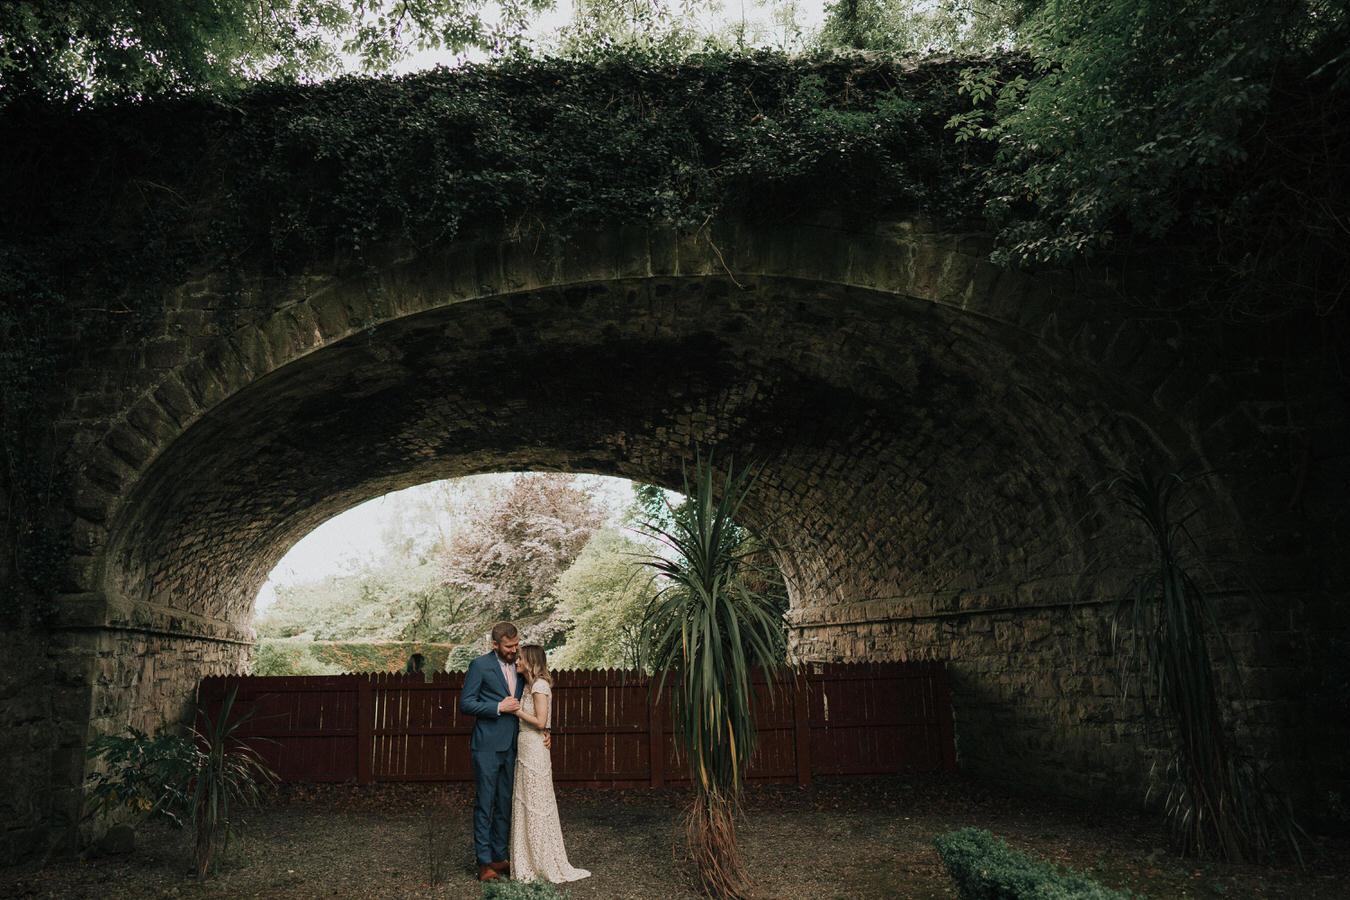 The-Station-House-wedding-Dublin-photographer- 0104 102